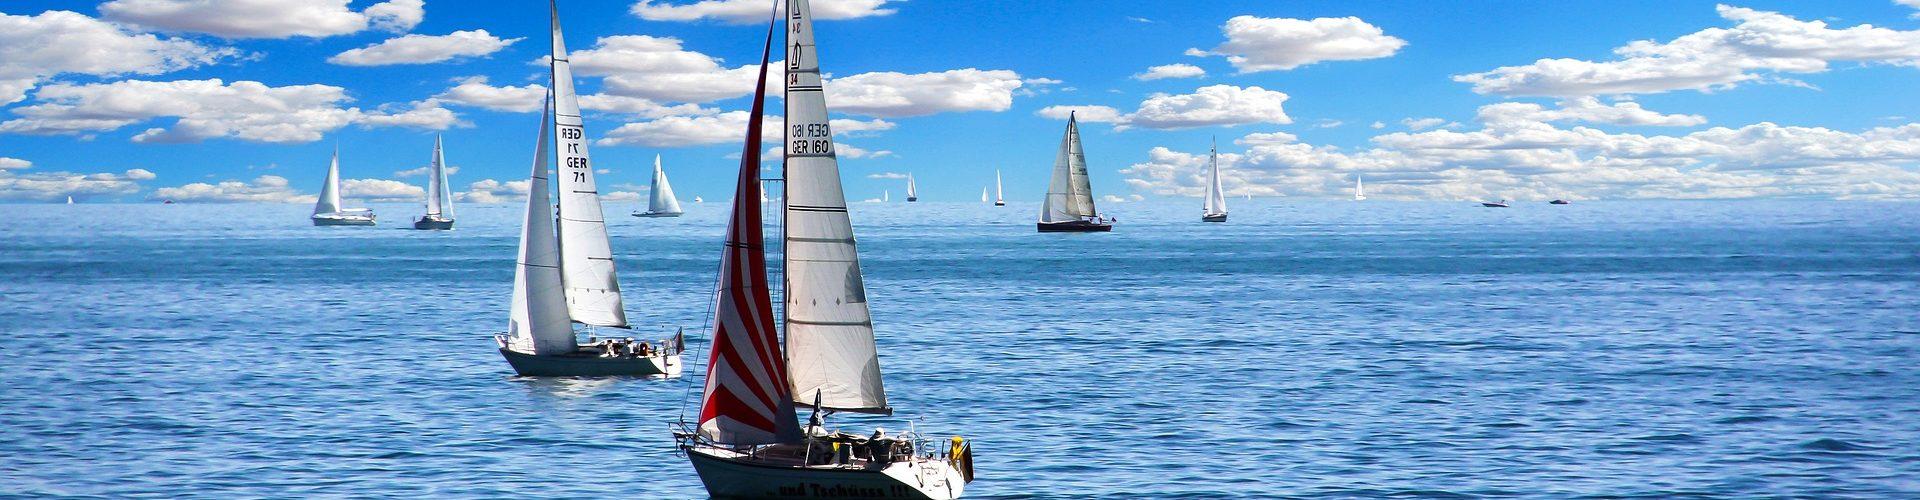 segeln lernen in Viersen segelschein machen in Viersen 1920x500 - Segeln lernen in Viersen